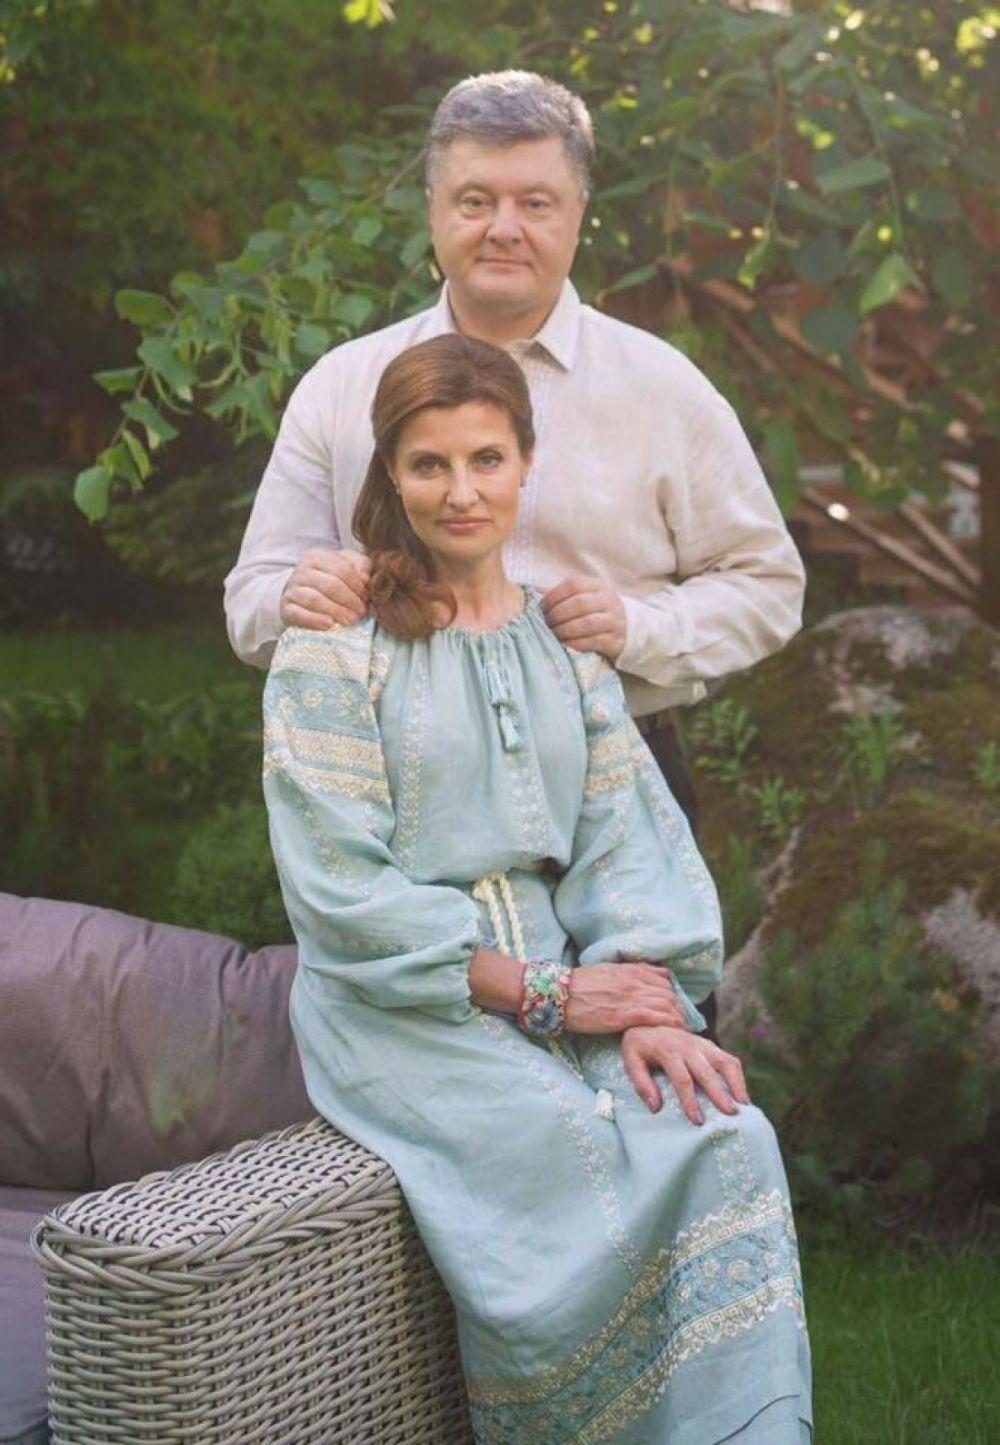 Тоже очень нежный образ. Нам кажется, Марина Порошенко могла бы спокойно посоревноваться с бывшей первой леди США, Мишель Обамой